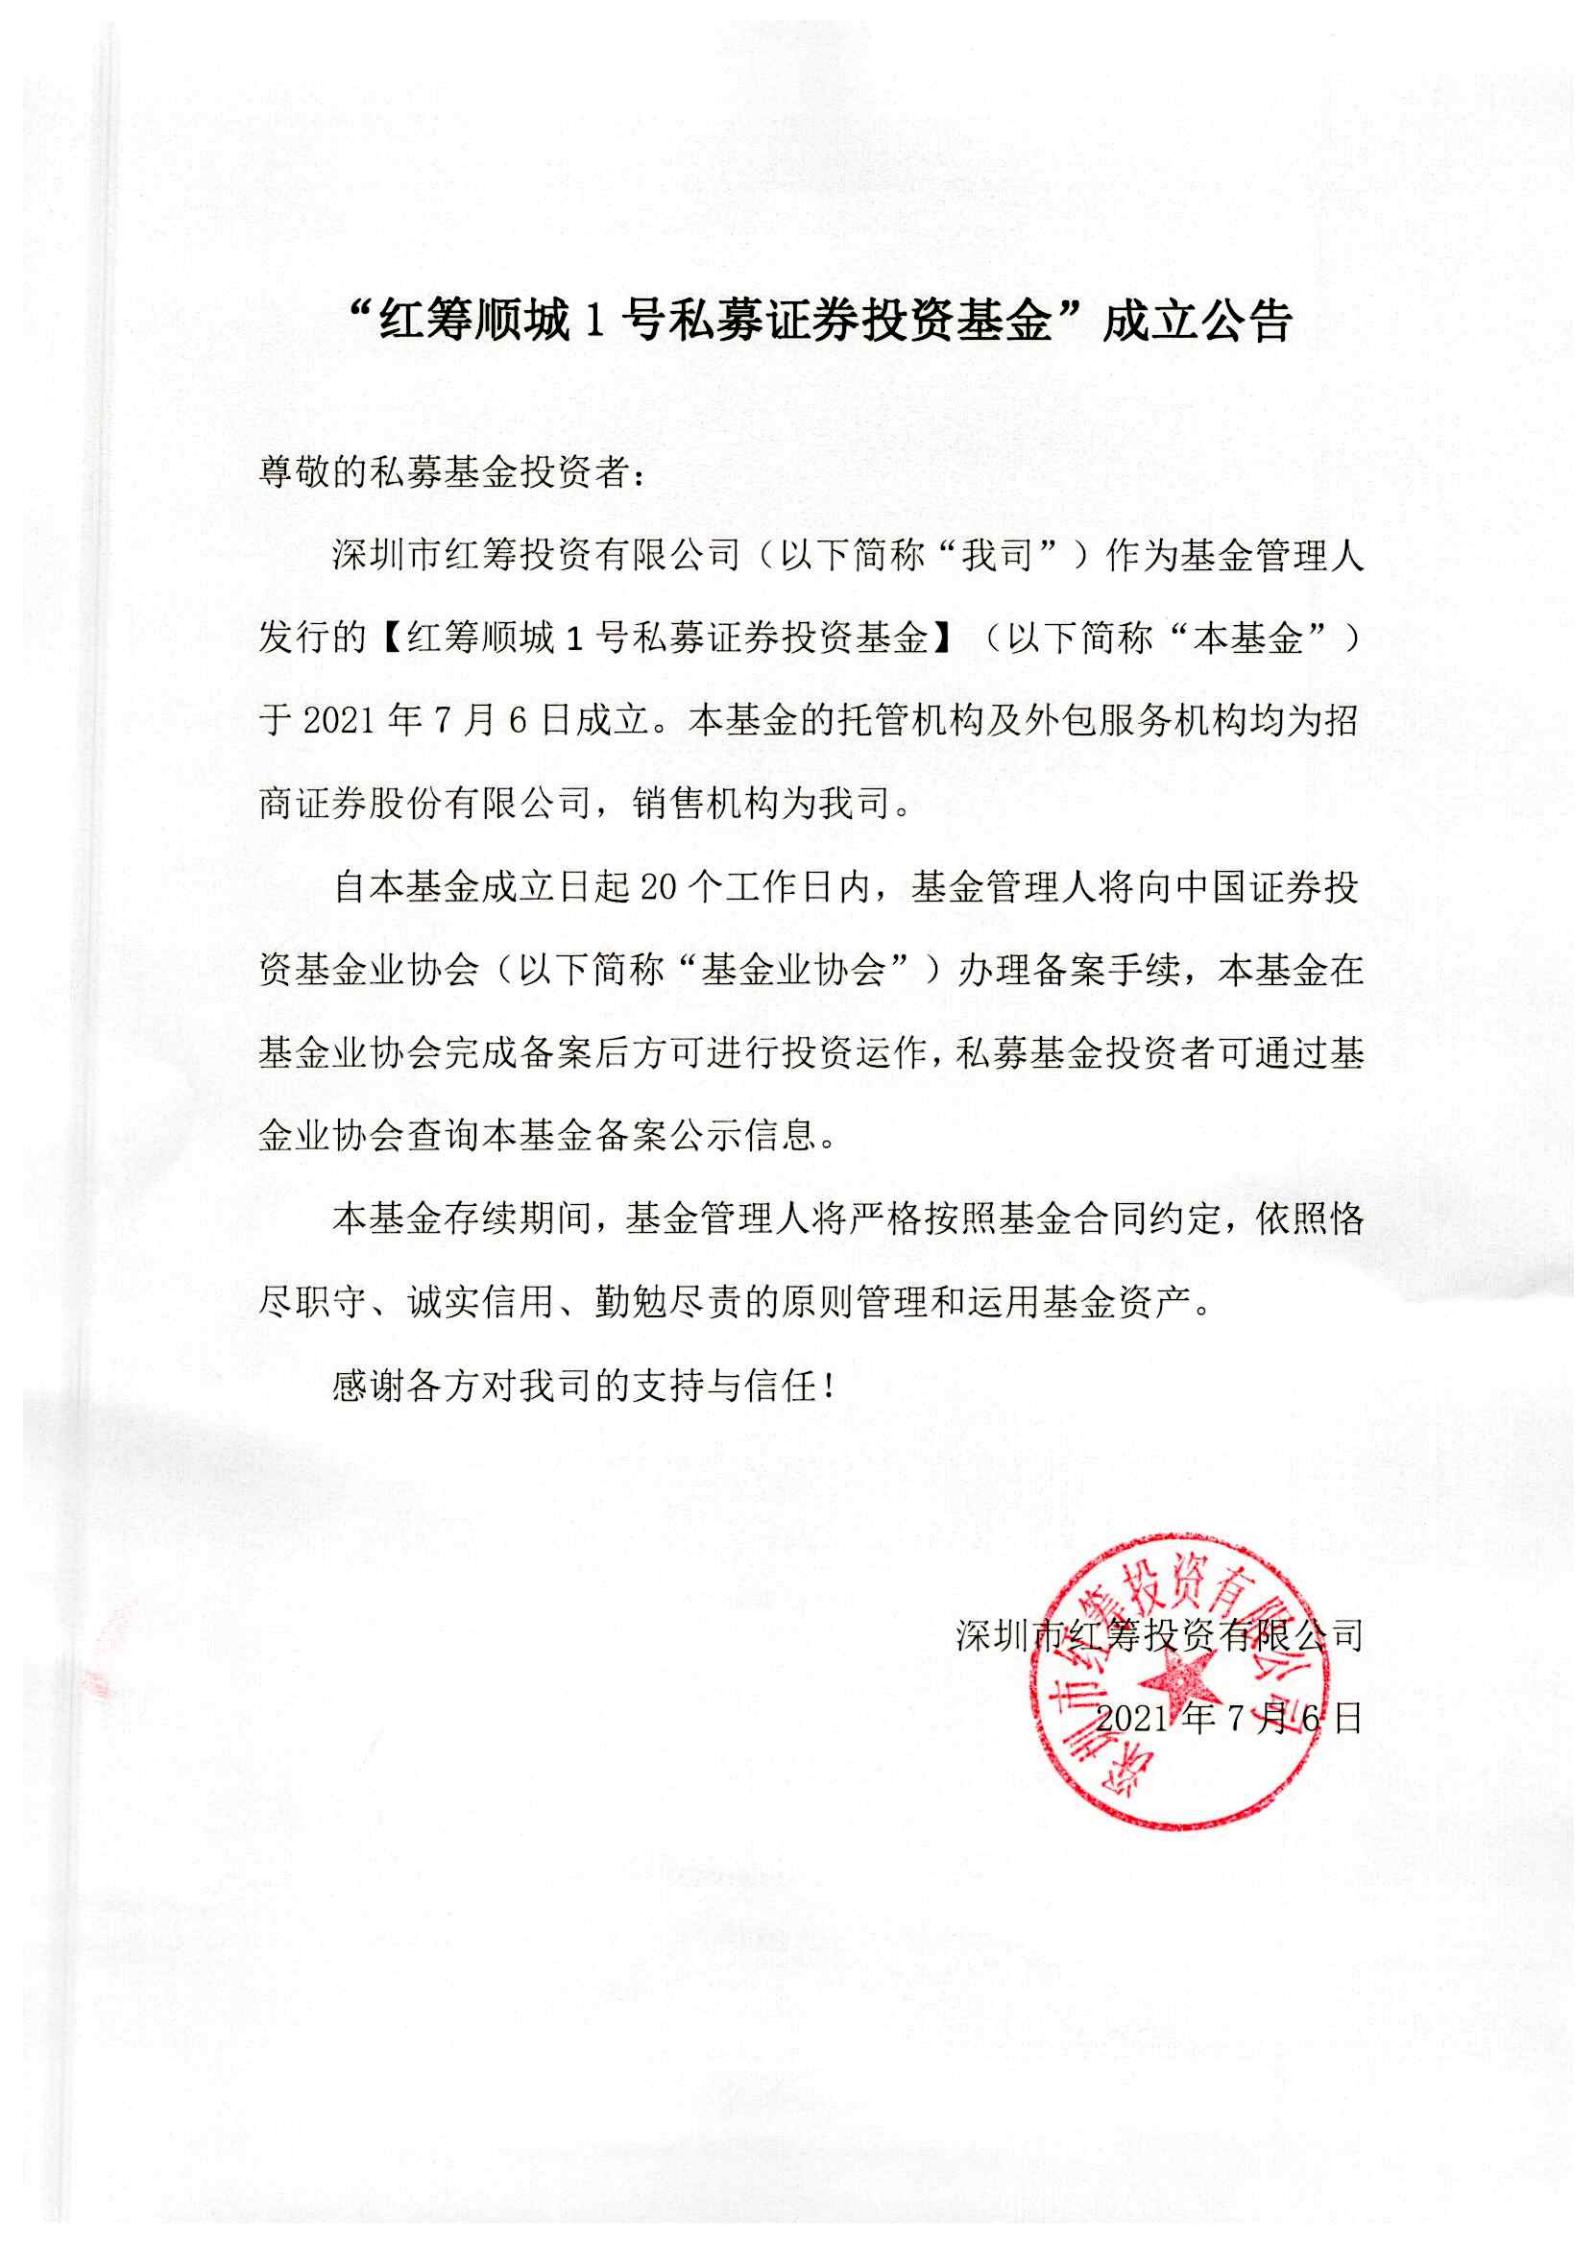 红筹顺城1号私募证券投资基金-成立公告20210706_00.png